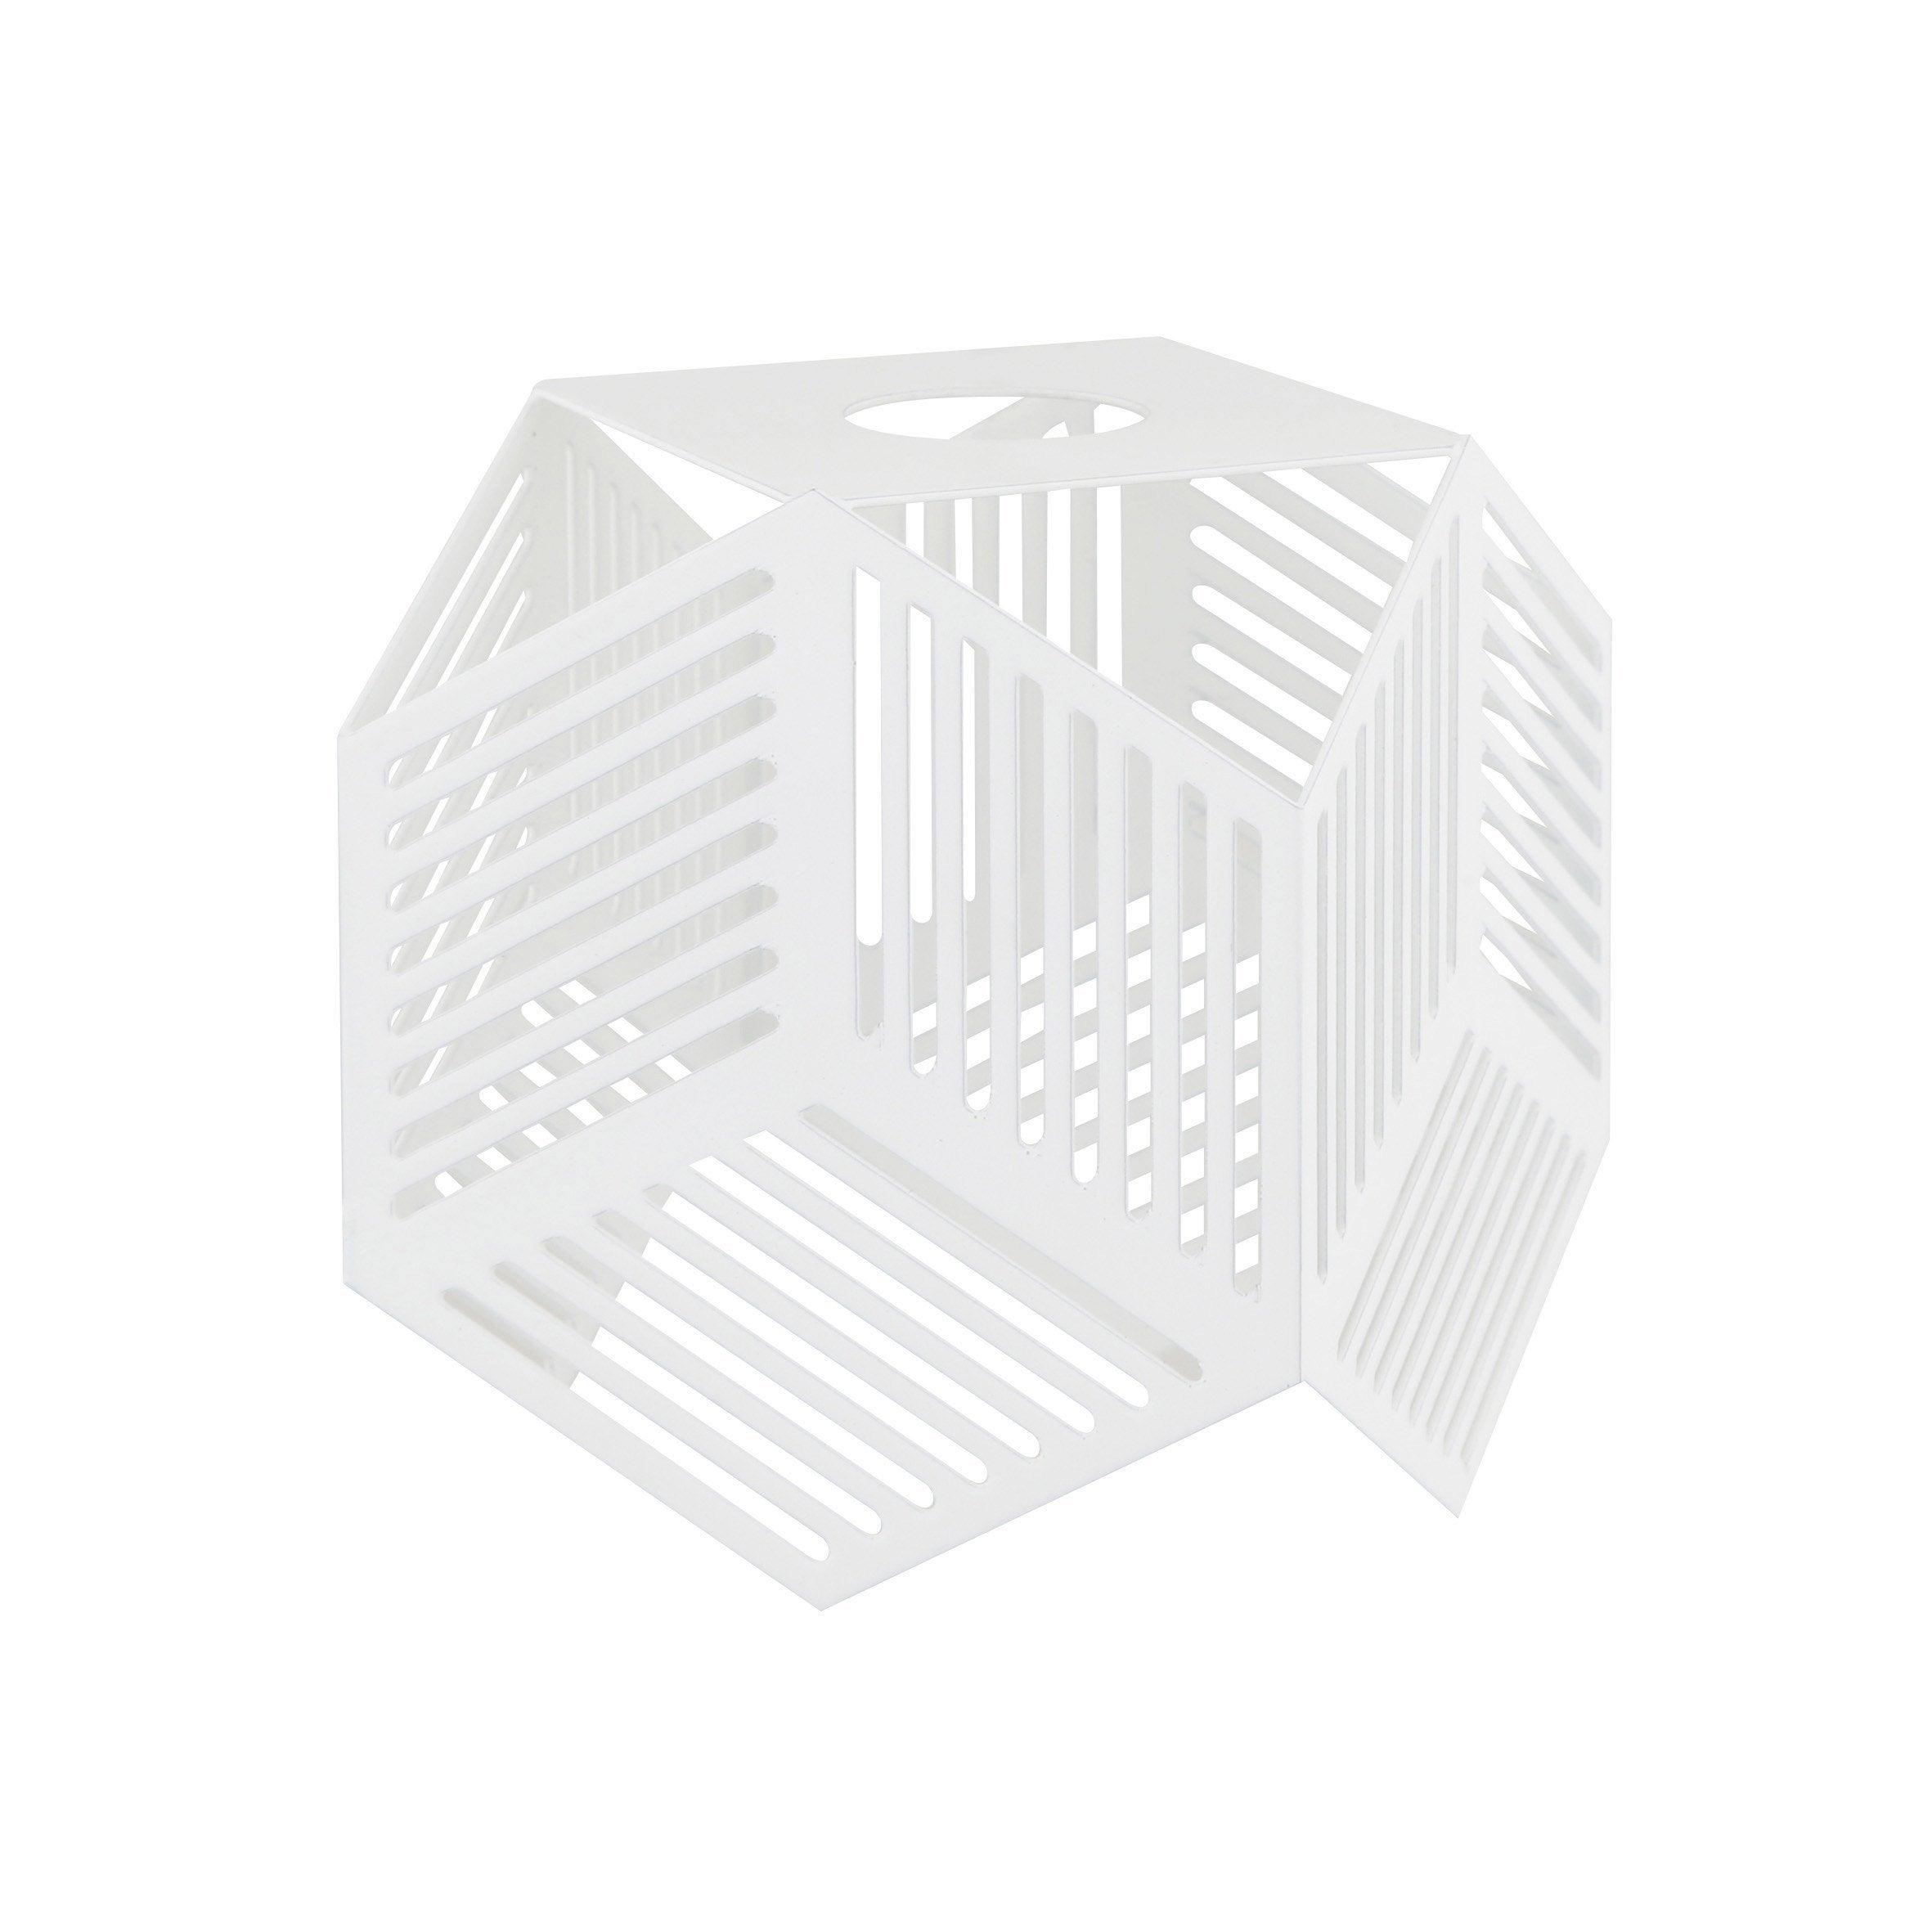 Verrerie pour spot à composer design Jack blanc INSPIRE